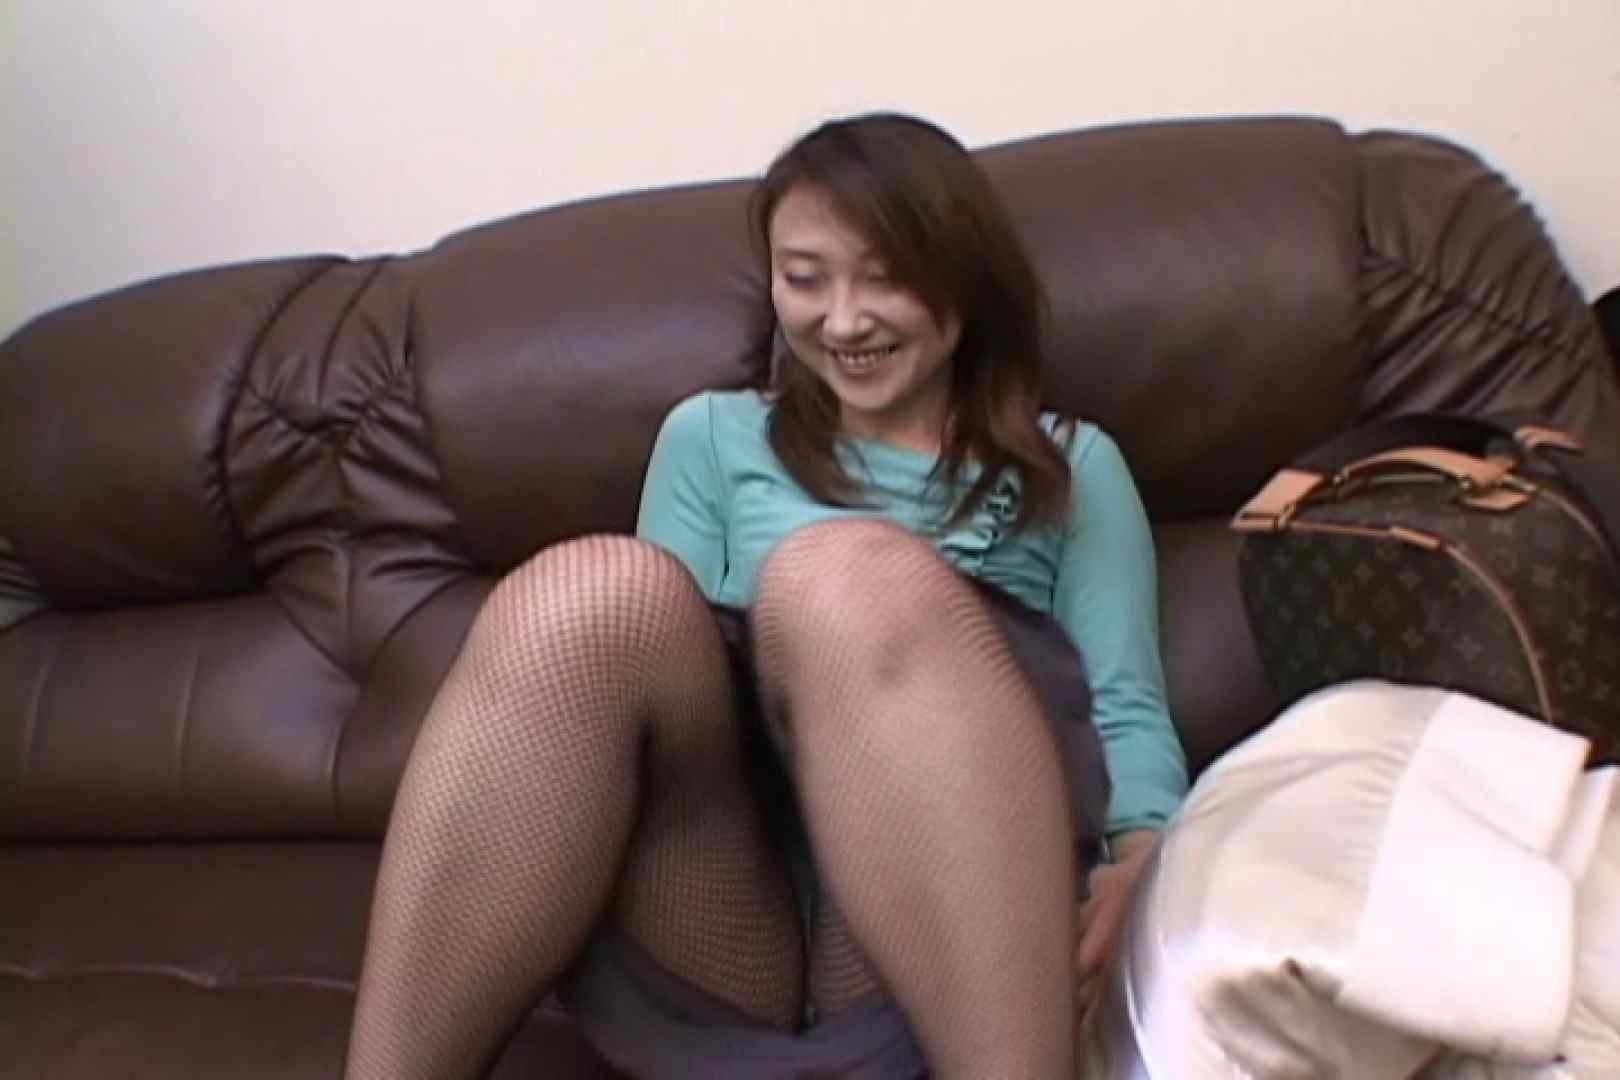 オナニー好きの綺麗なお姉さんと楽しくSEX~姫野あかね~ 超エロお姉さん   オナニー特別編  83枚 43